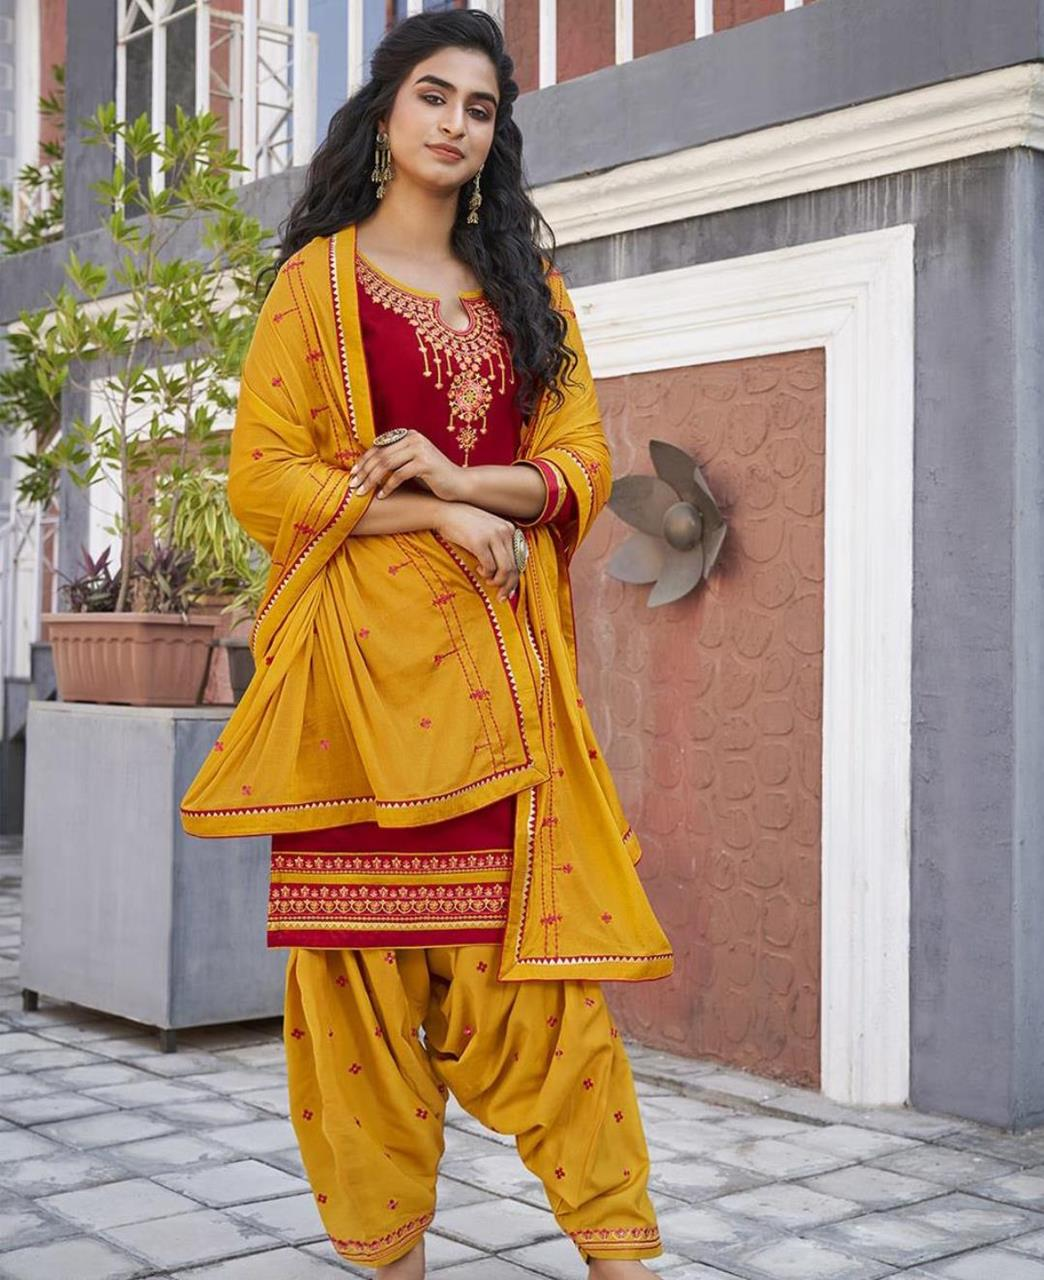 Zari Cotton Patiyala Suit Salwar in Red